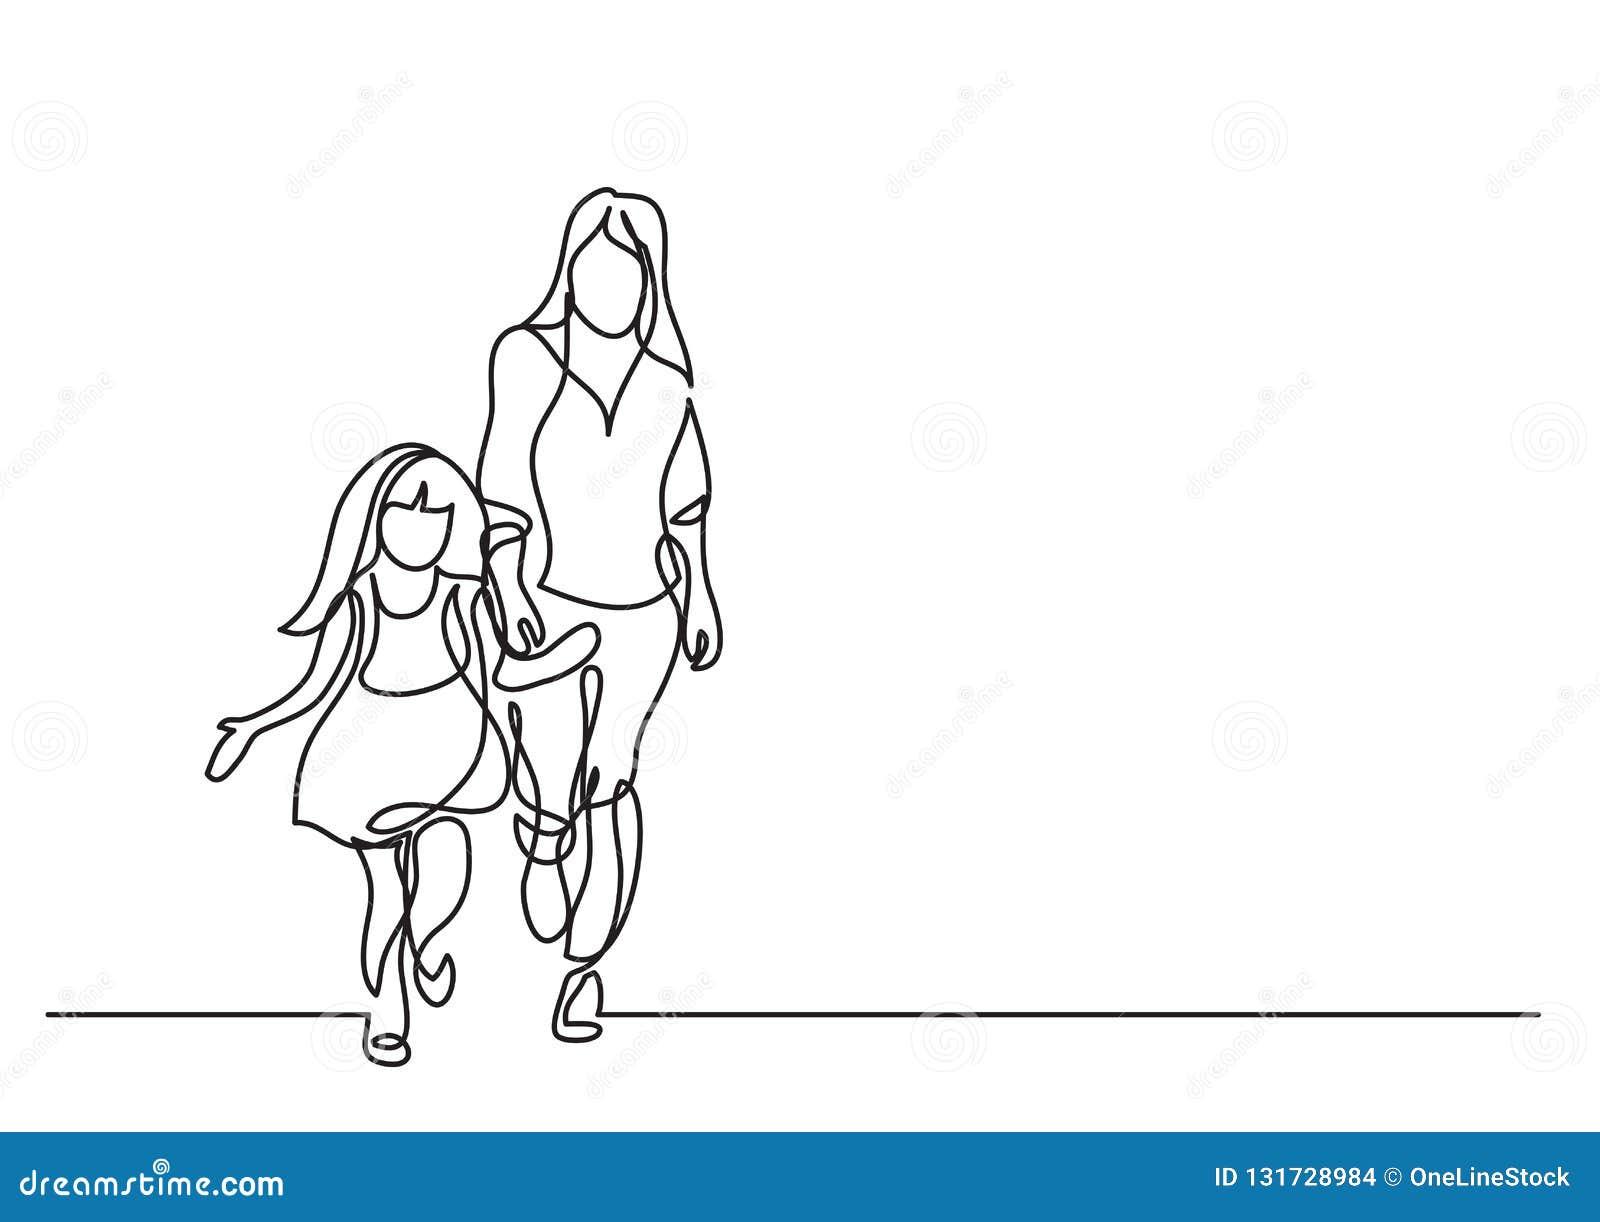 Mamma E Figlia Disegno.Un Disegno A Tratteggio Della Madre E Della Figlia Che Camminano